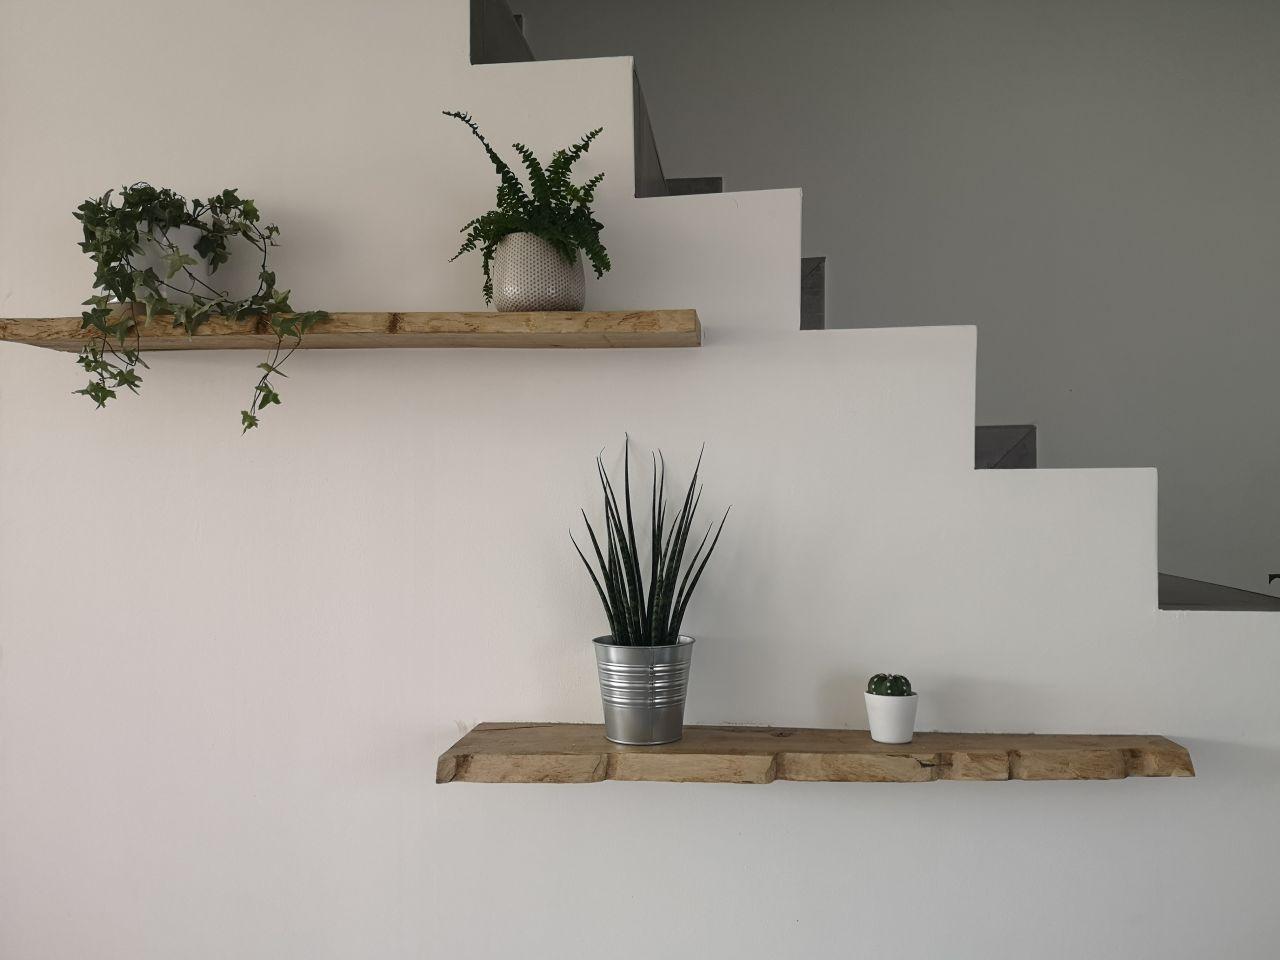 J'aime les plantes ça commence à être la folie depuis que j'ai commencé la déco :)  Déco sous escalier, je veux du simple minimaliste et du naturel